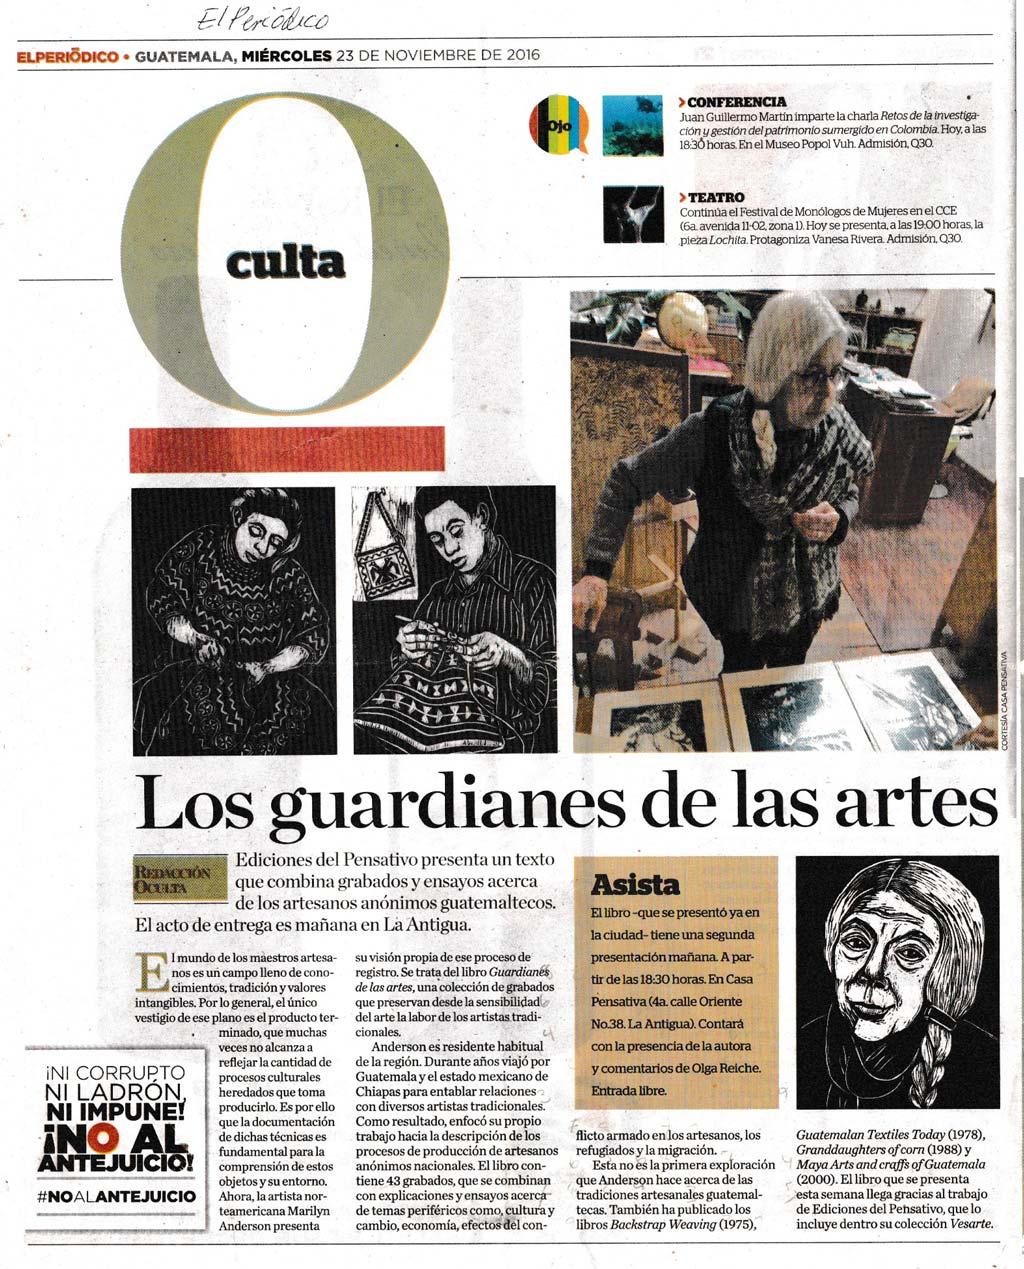 El-periodico-book-review.jpg